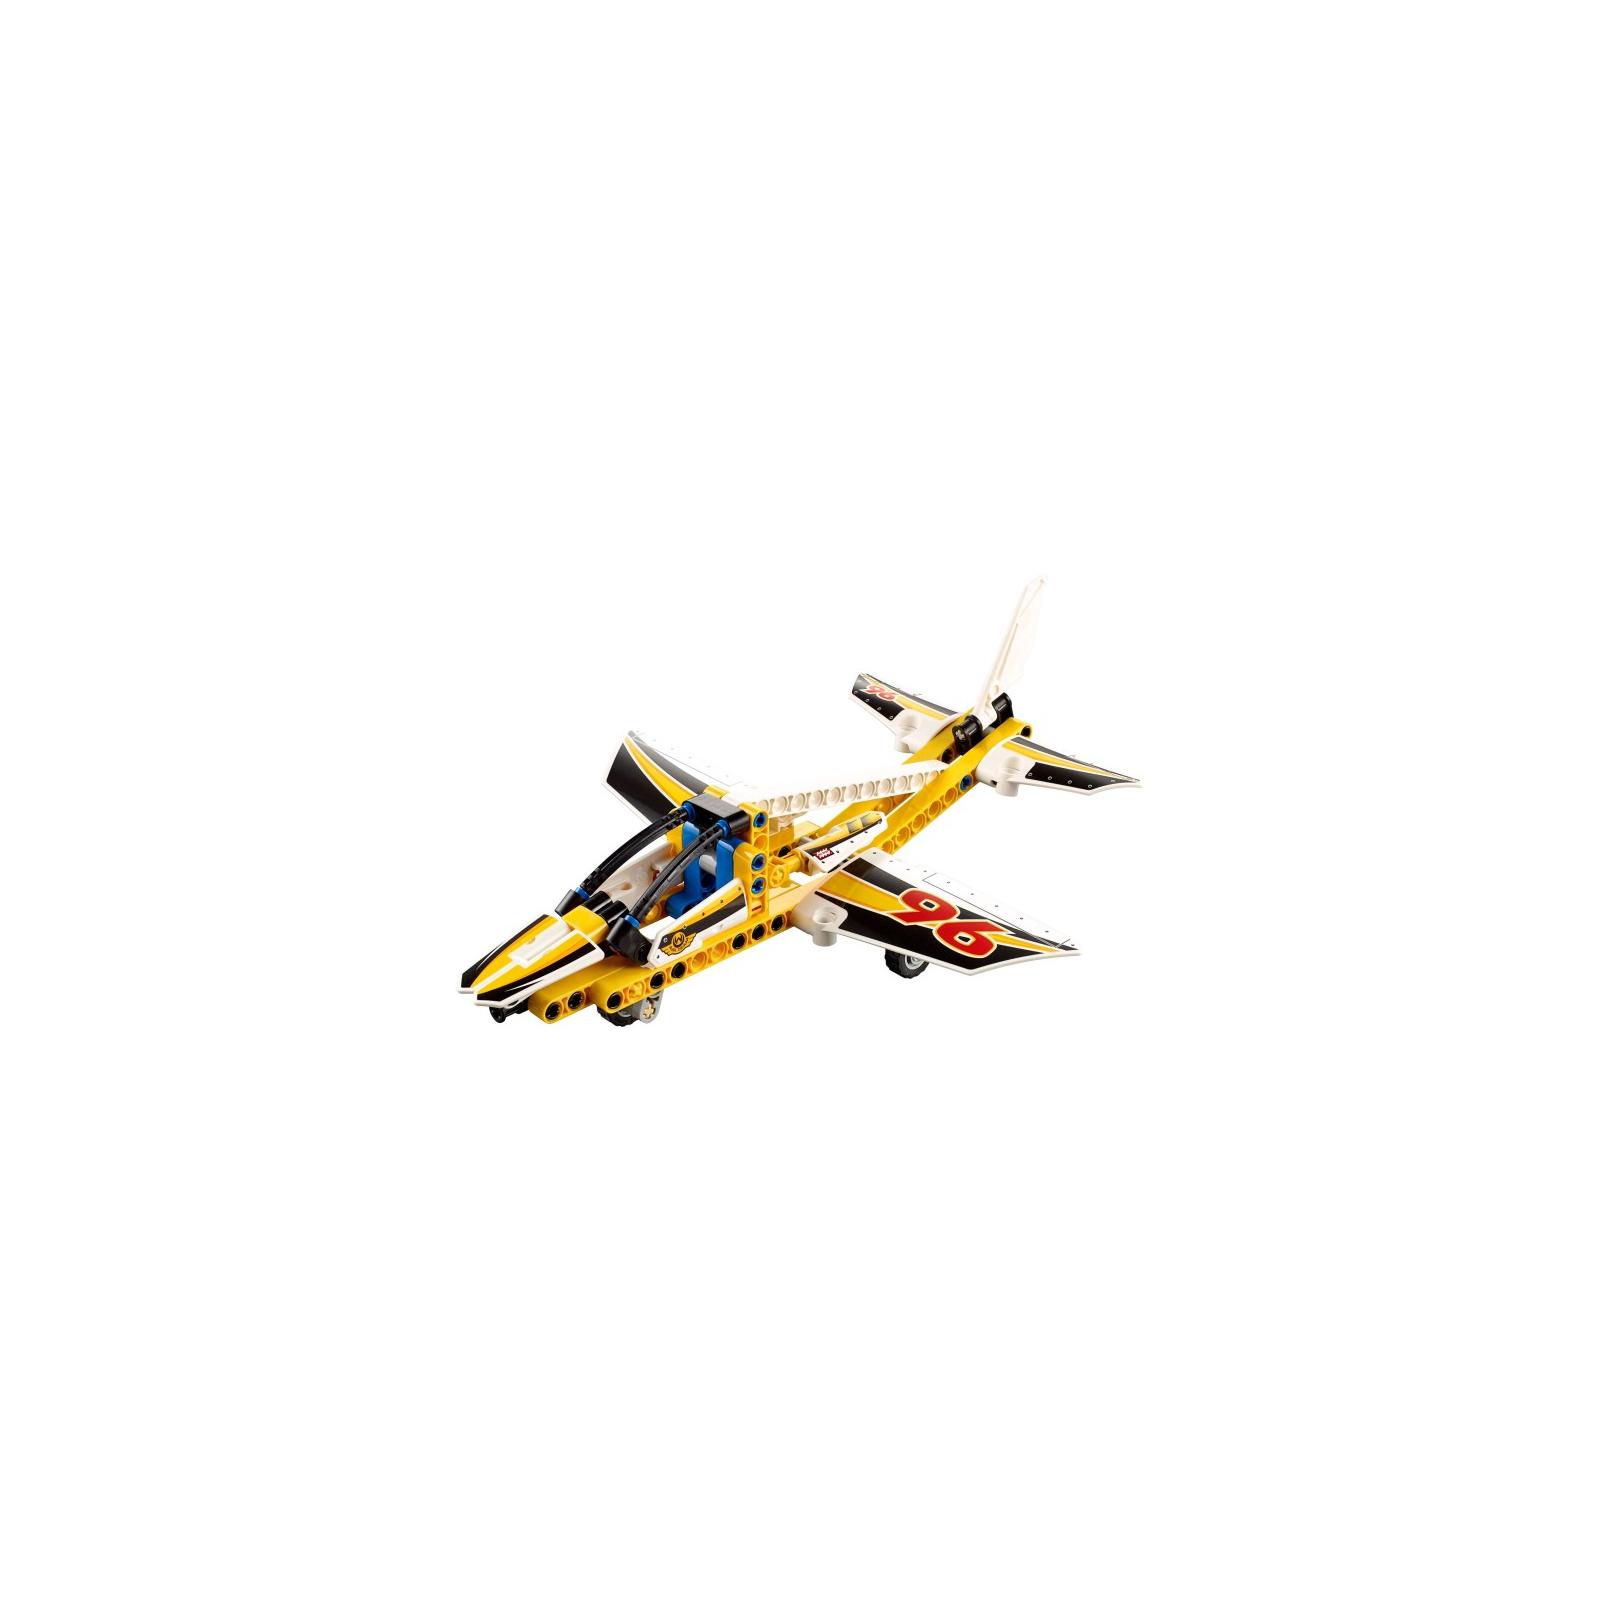 Конструктор LEGO Technic Самолёт пилотажной группы (42044) изображение 2